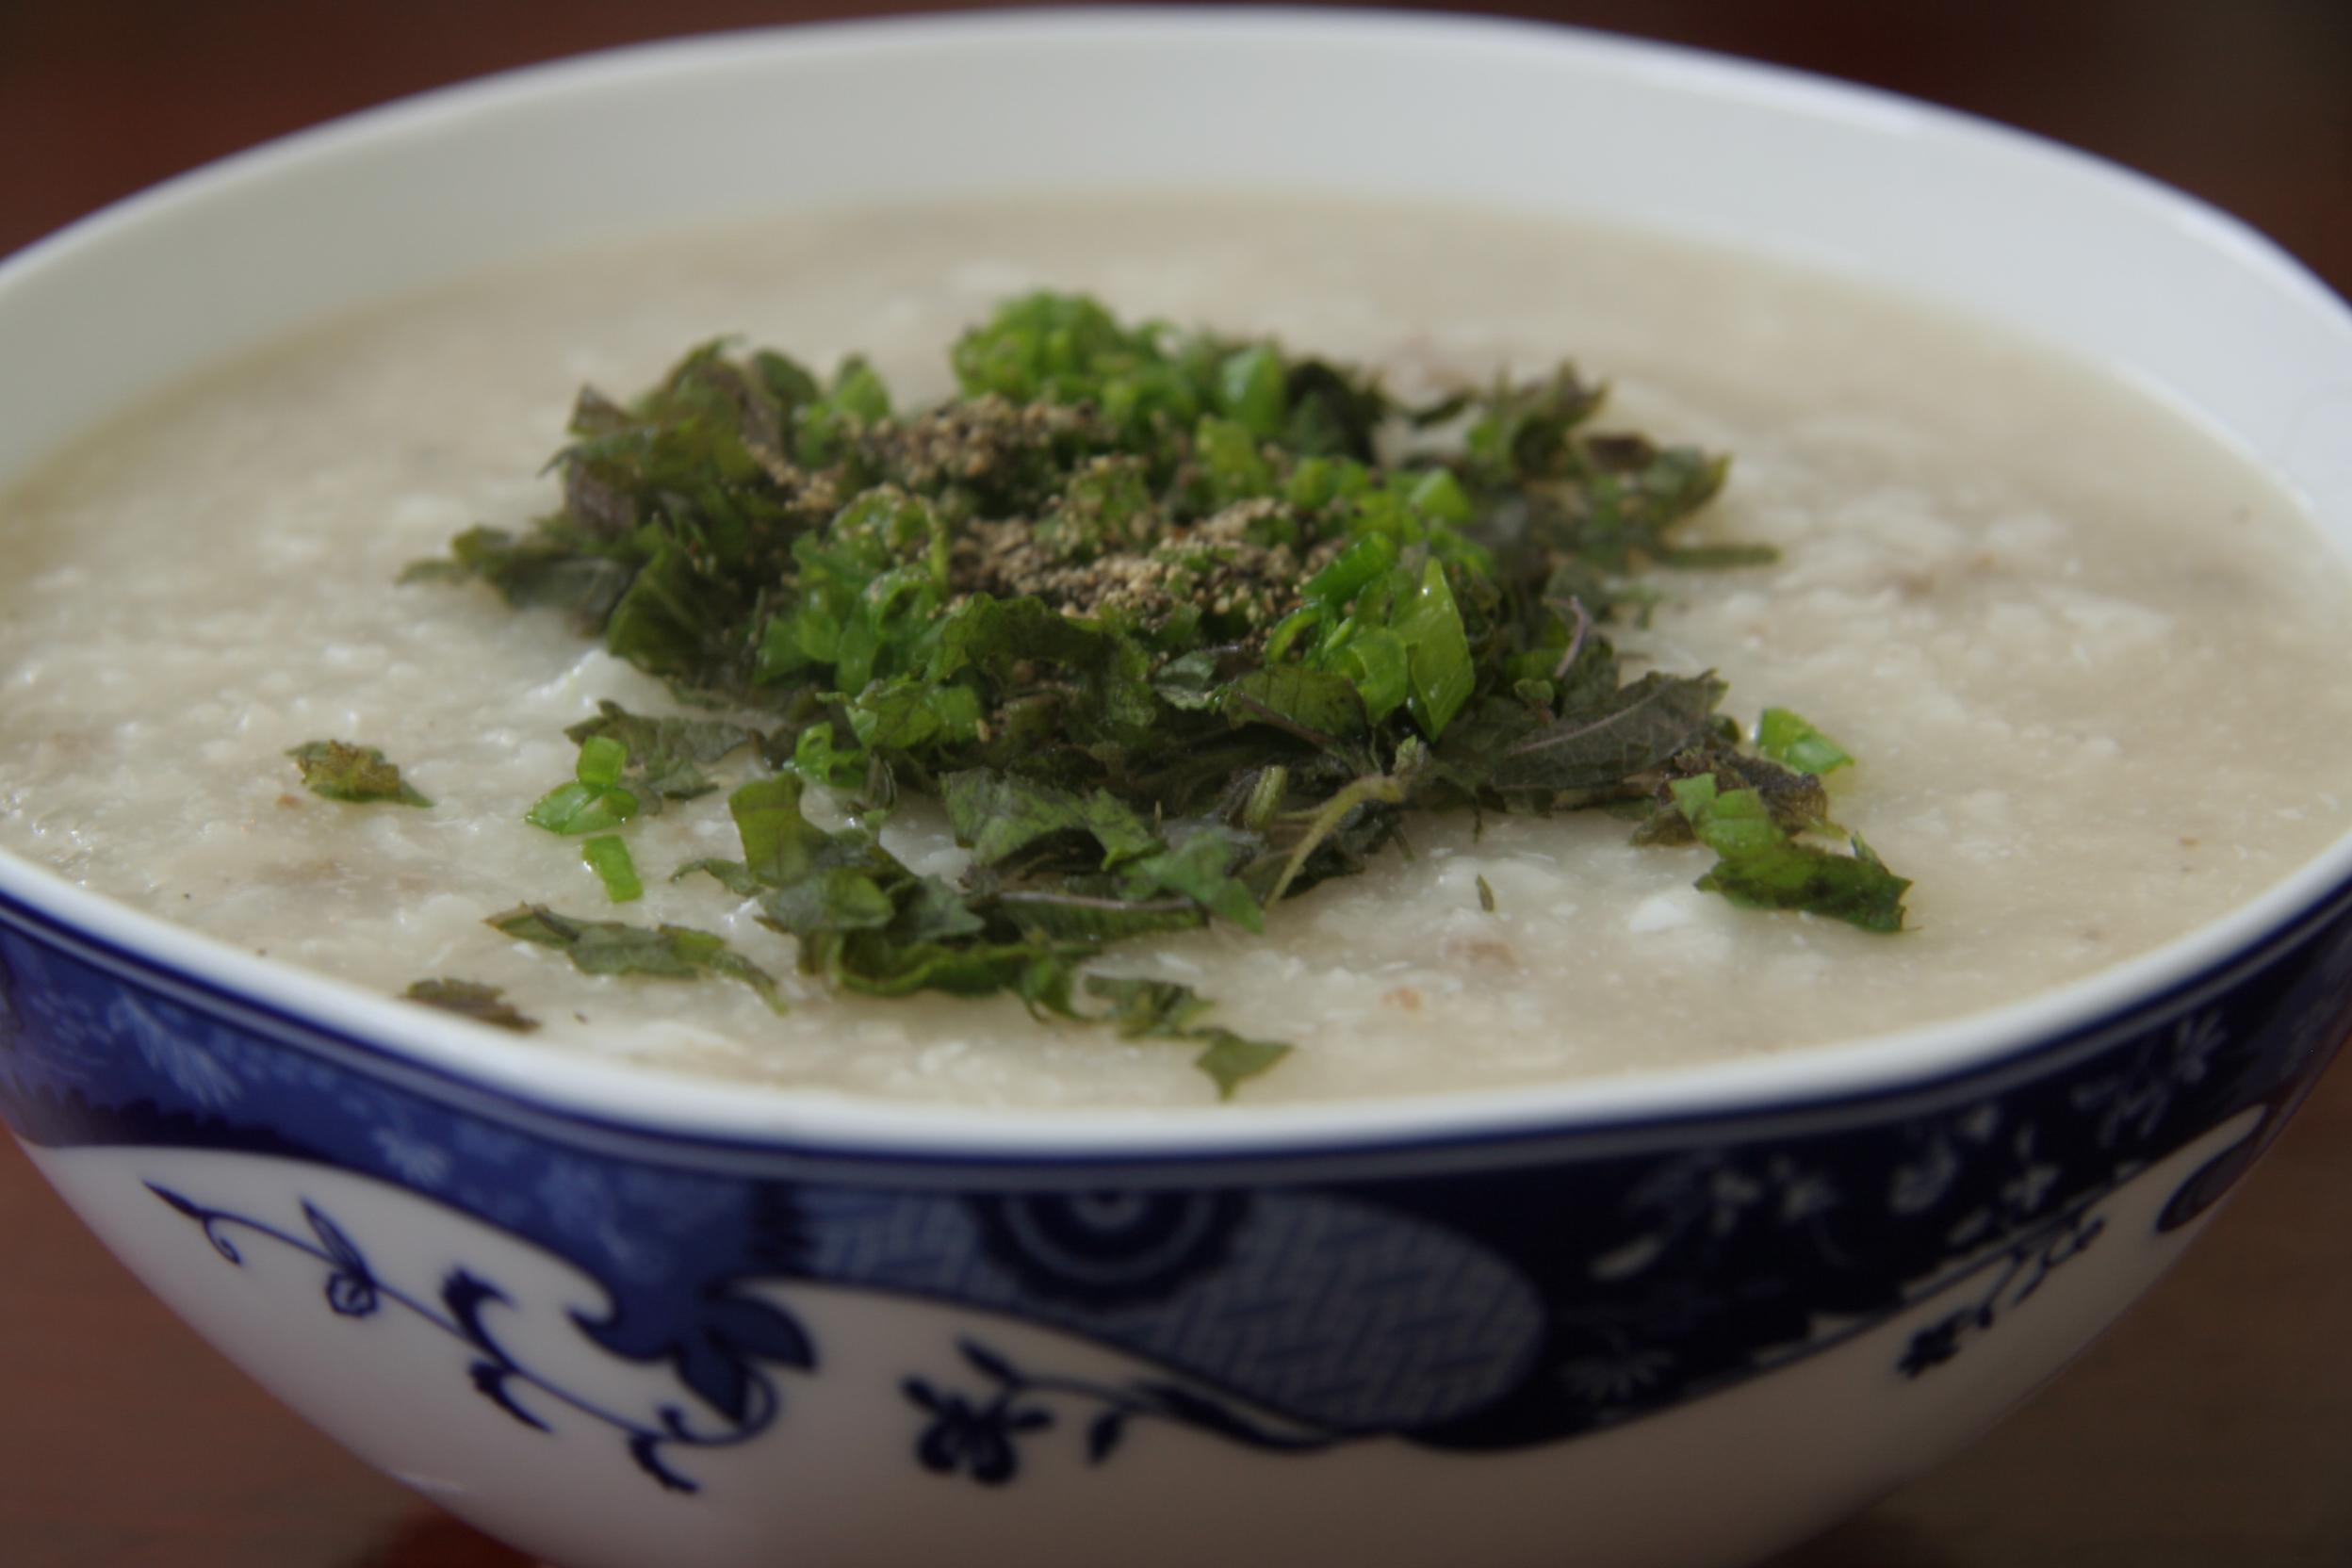 huong-dan-cach-dung-la-tia-to-chua-benh-viem-hong-tai-nha1